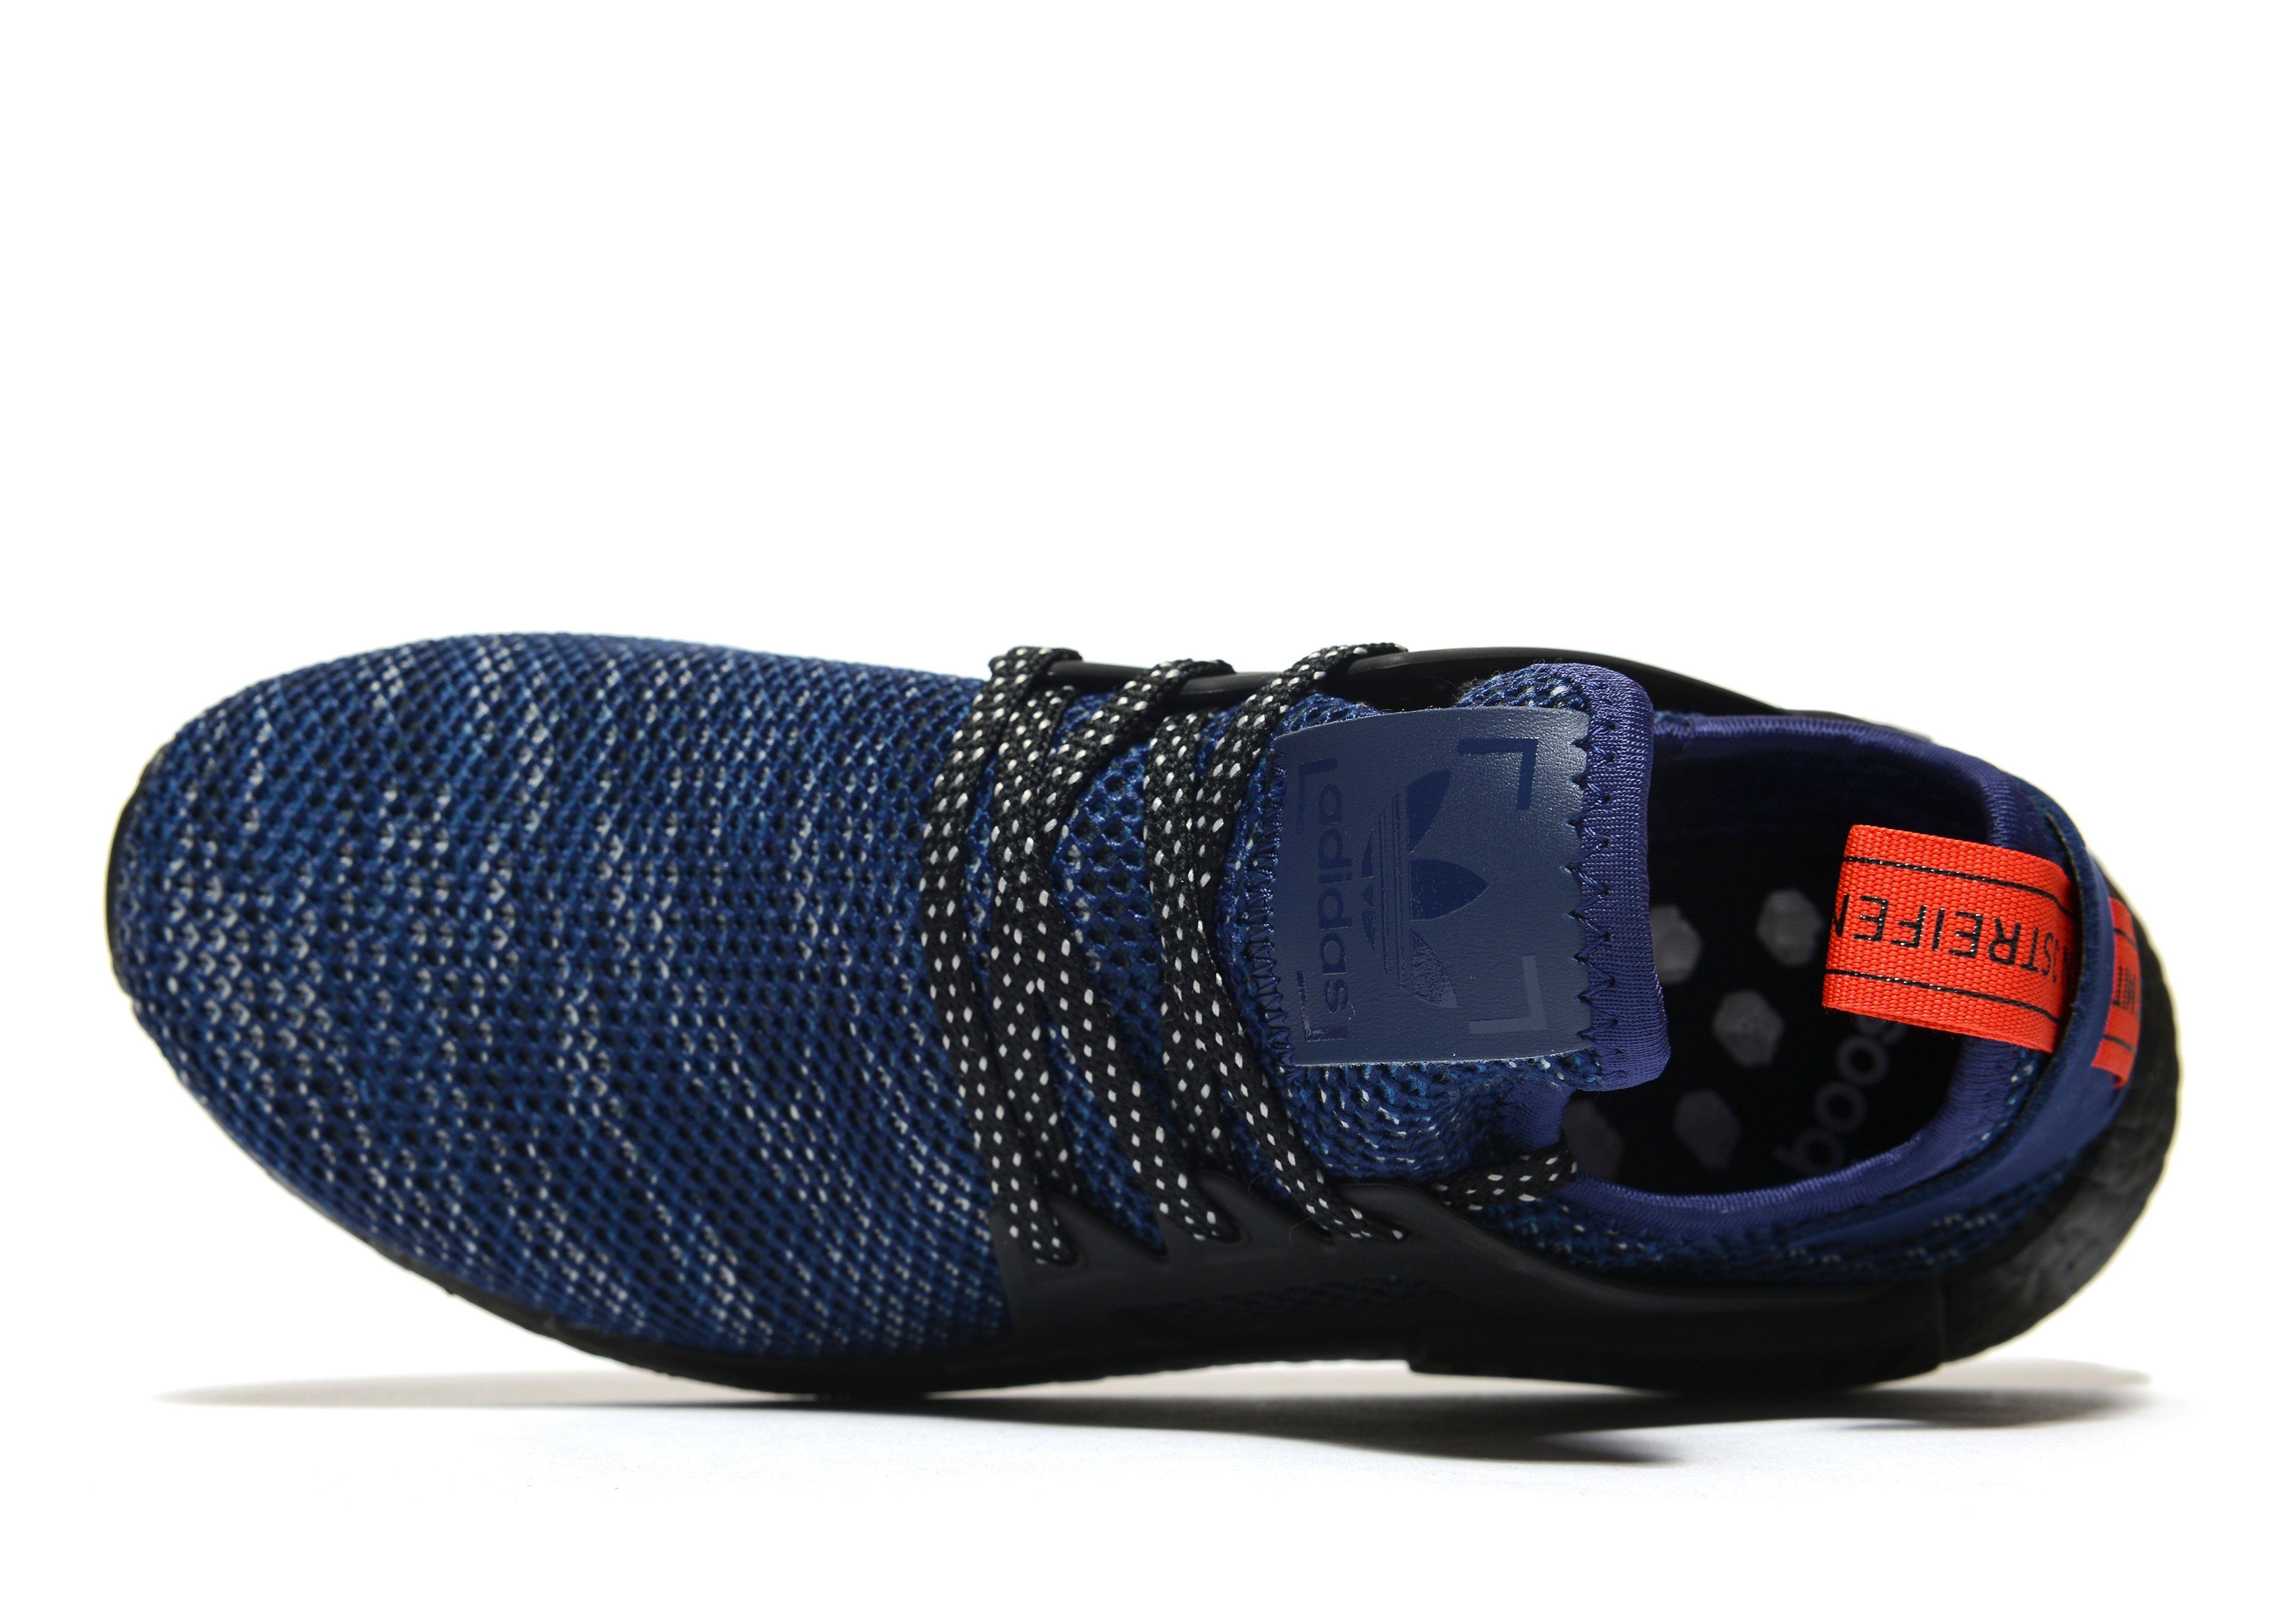 timeless design c2d27 0b74d Men's Blue Nmd Xr1